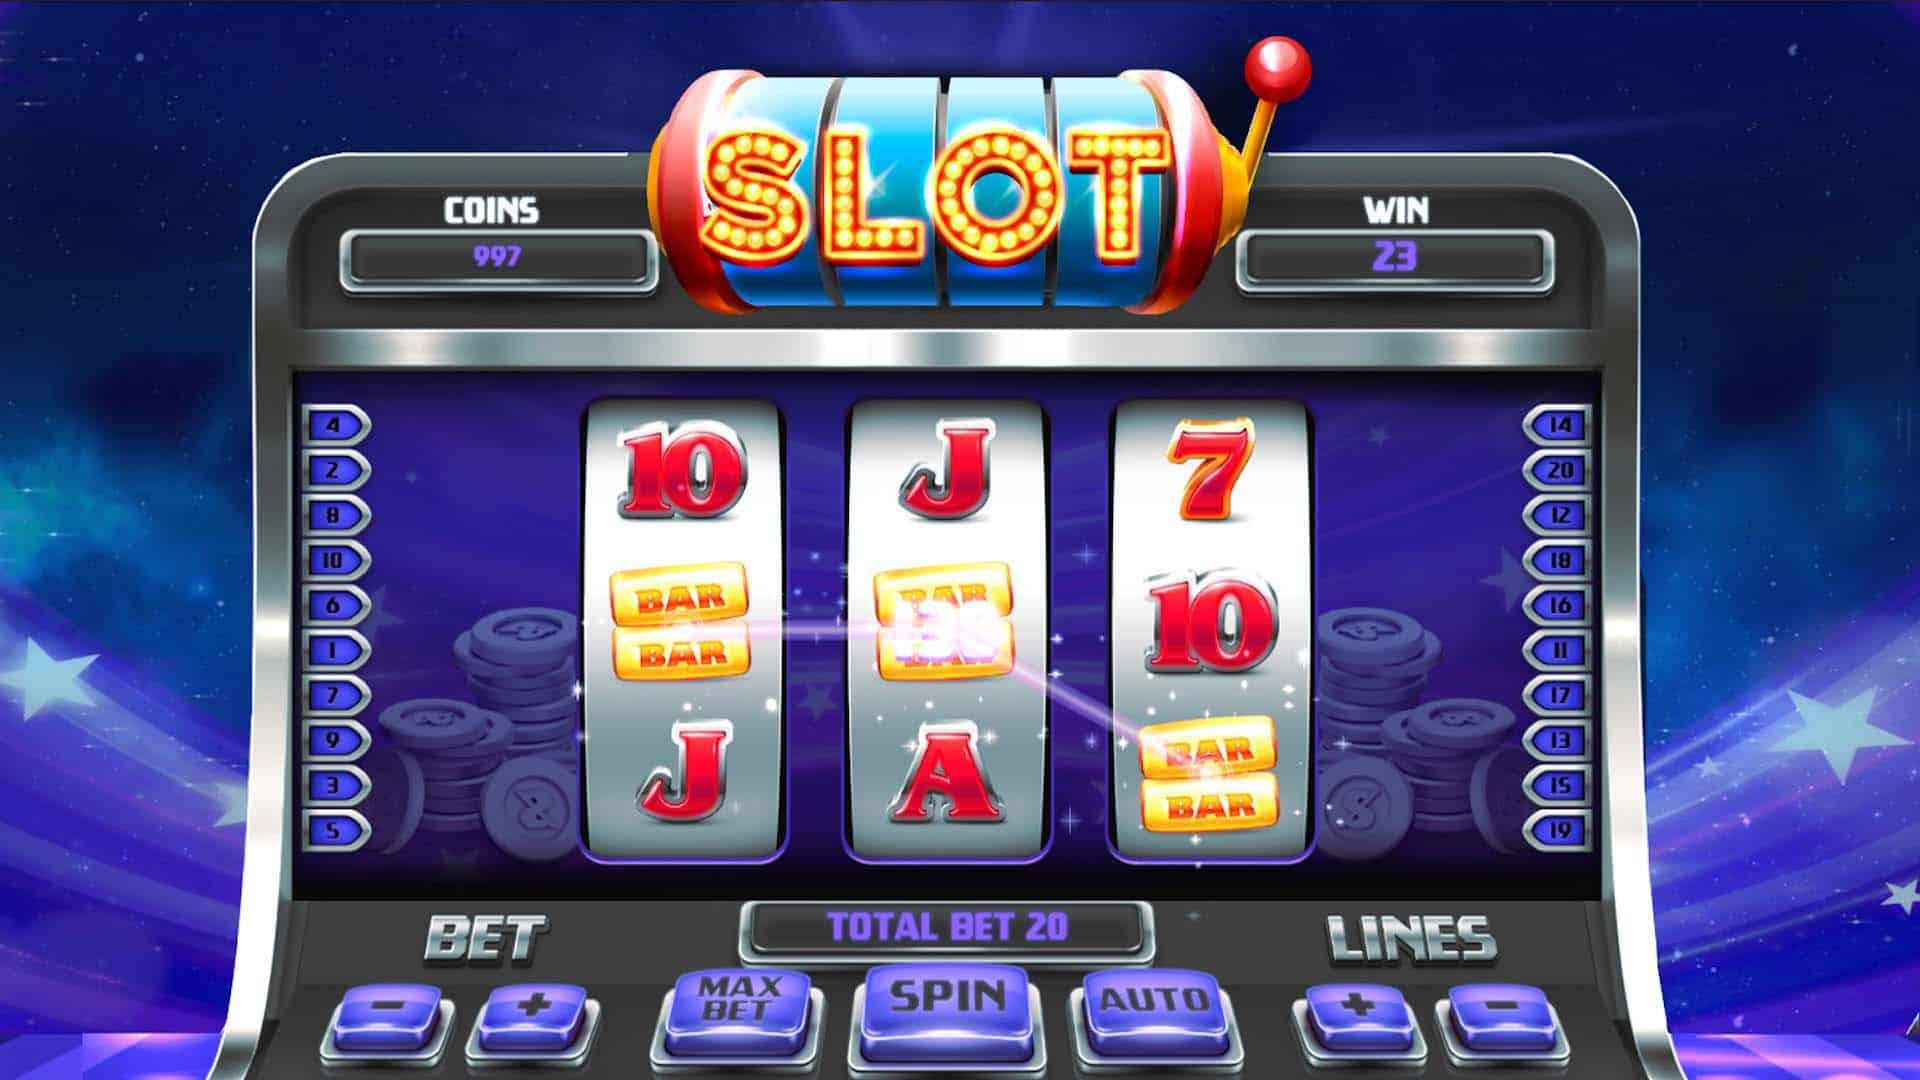 สล็อตคืออะไร? วิธีเล่น Slot แลกเงินพันล้านที่ 12bet